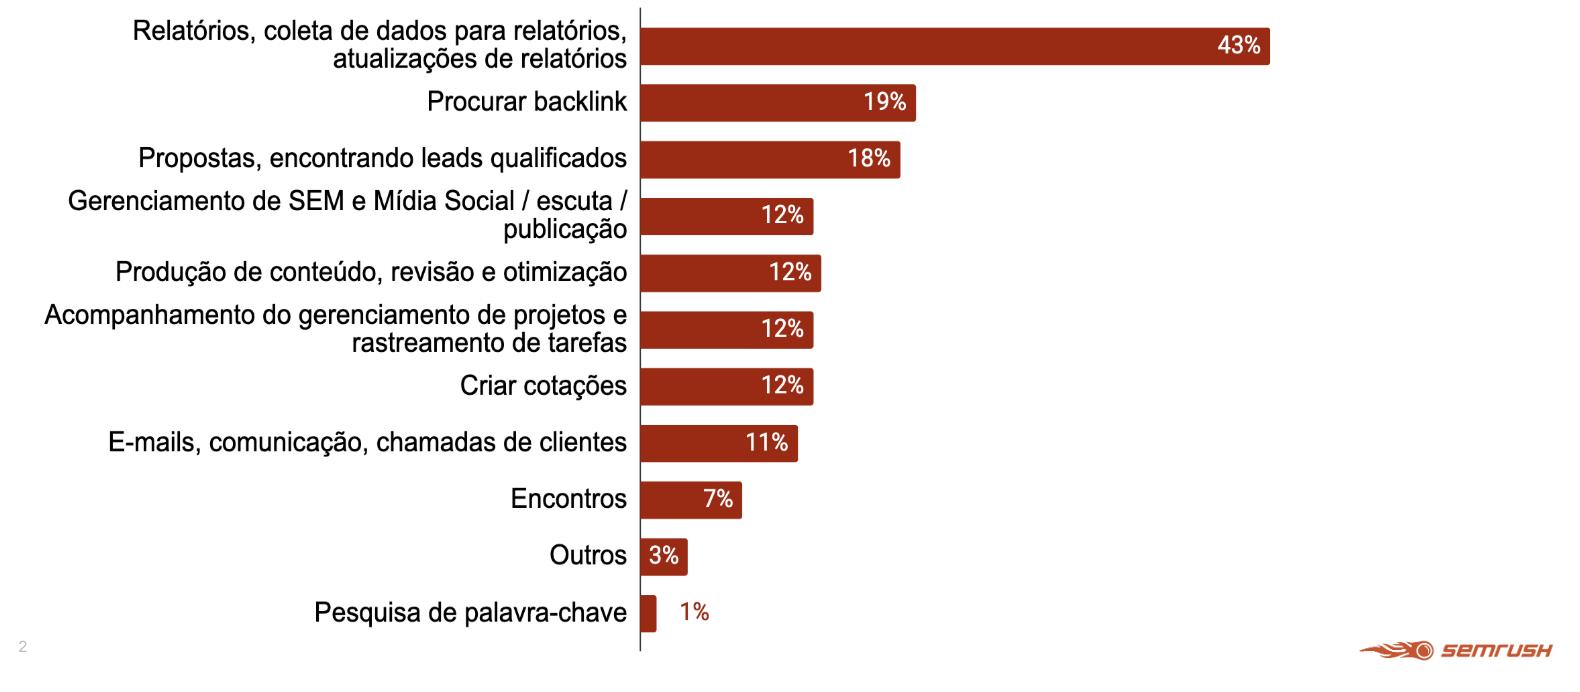 Relatórios de Marketing: 9 Templates e Exemplos para Análise Diária, Semanal e Mensal. Imagem 0